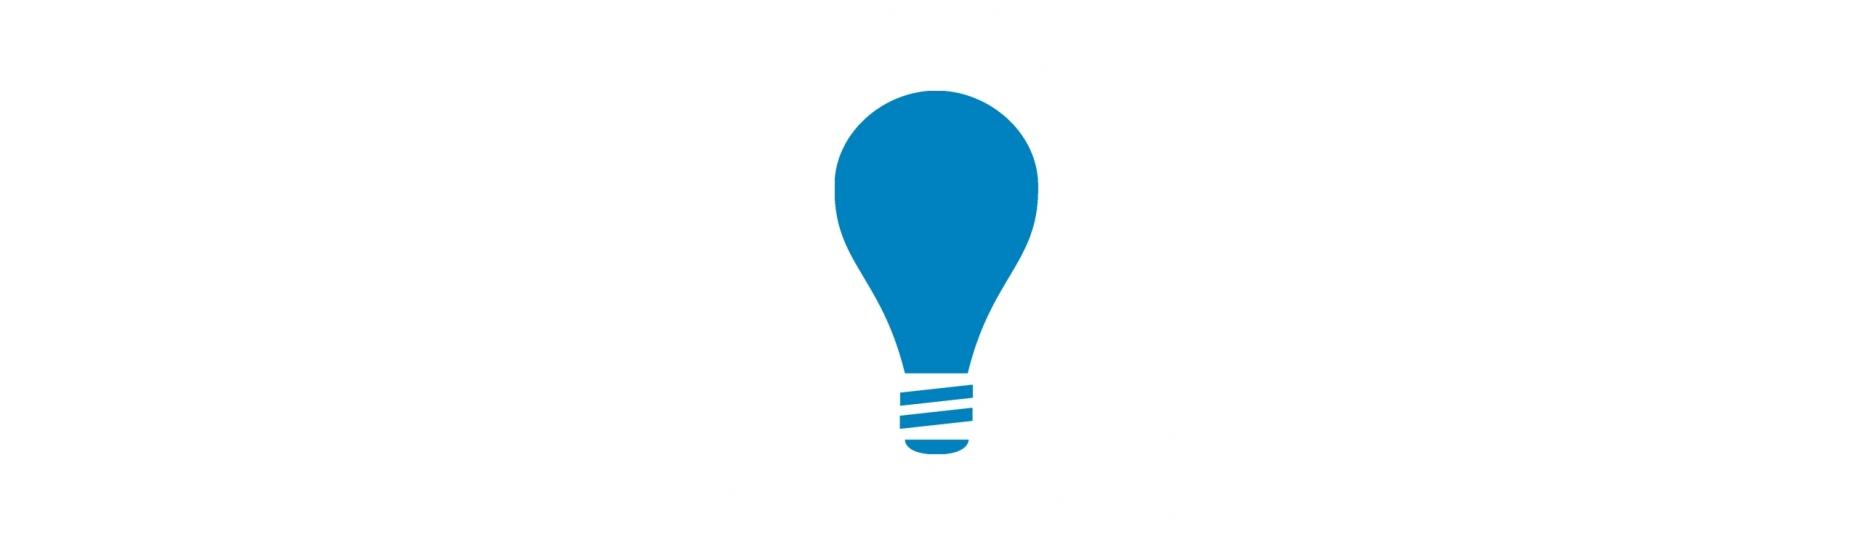 Material eléctrico e iluminación